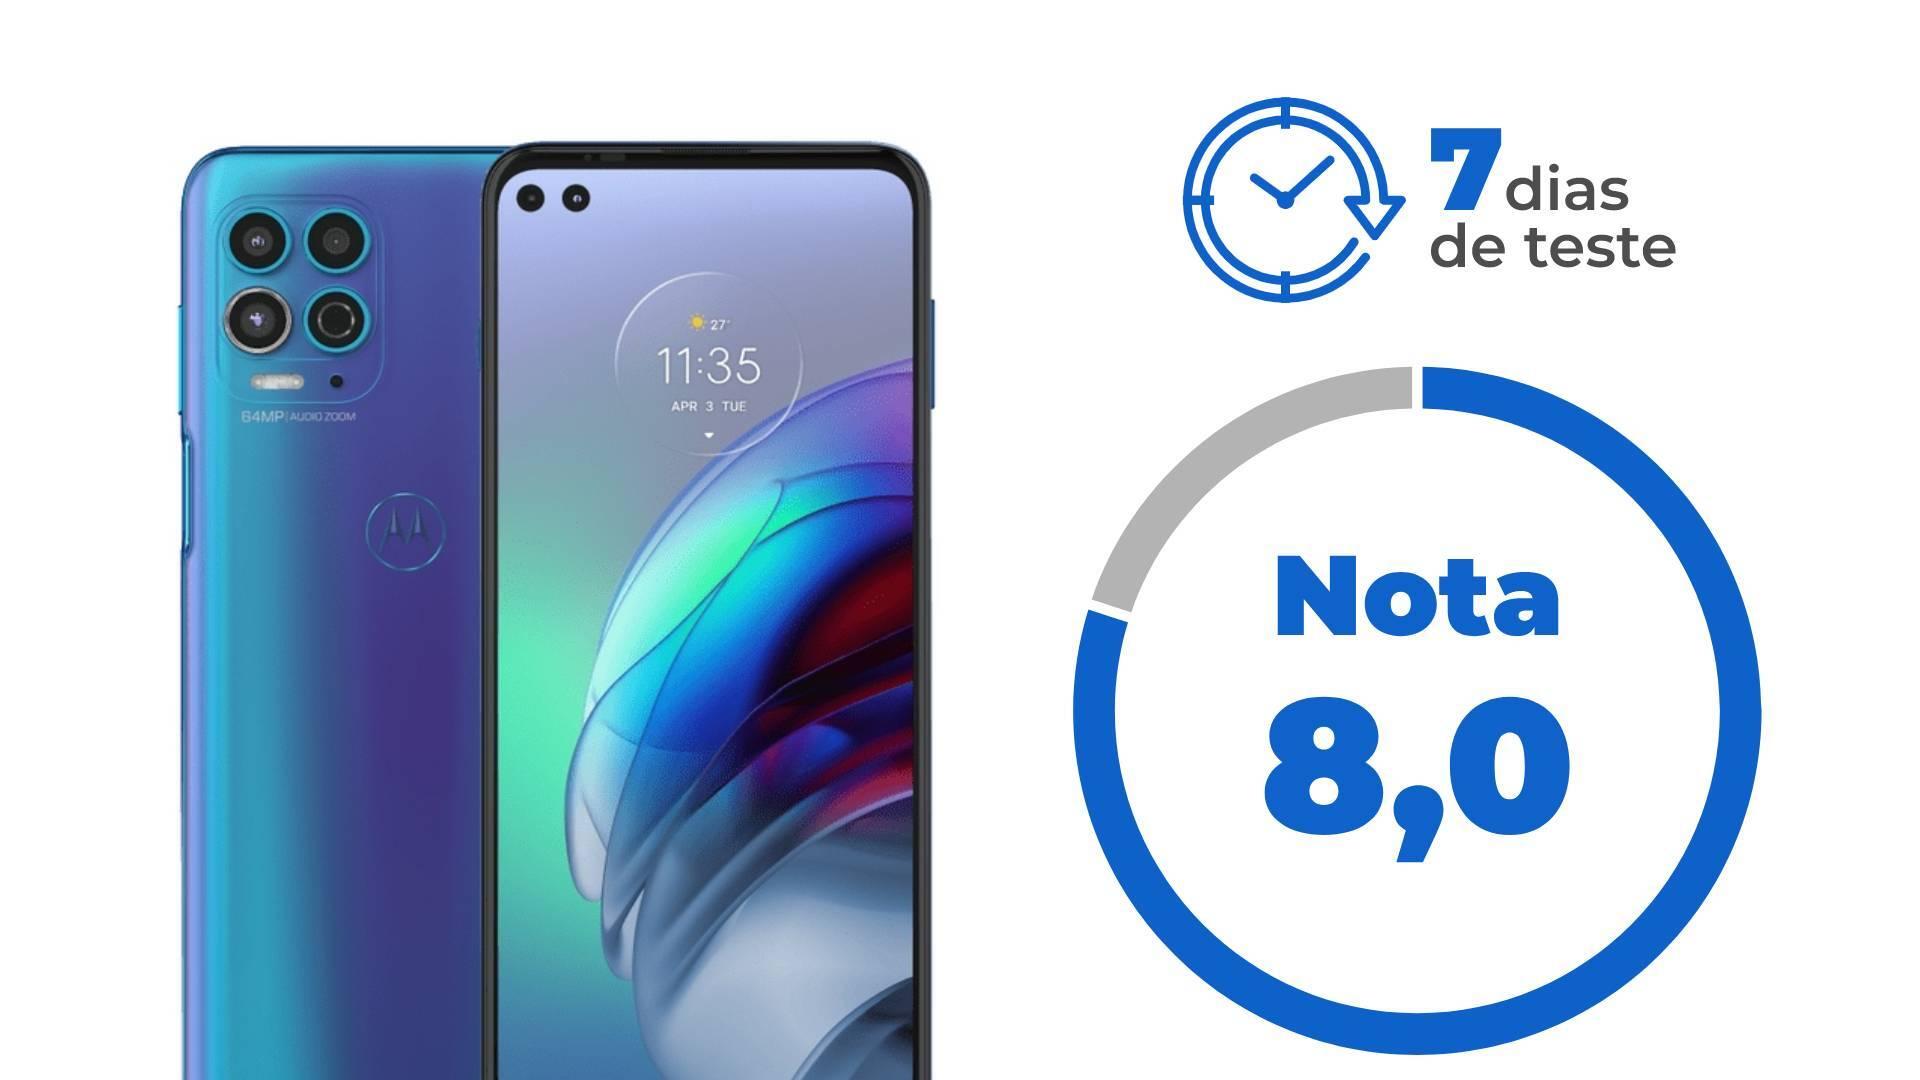 Imagem mostra celular em frente e verso, com a nota 8 e o tempo de teste (7 dias)